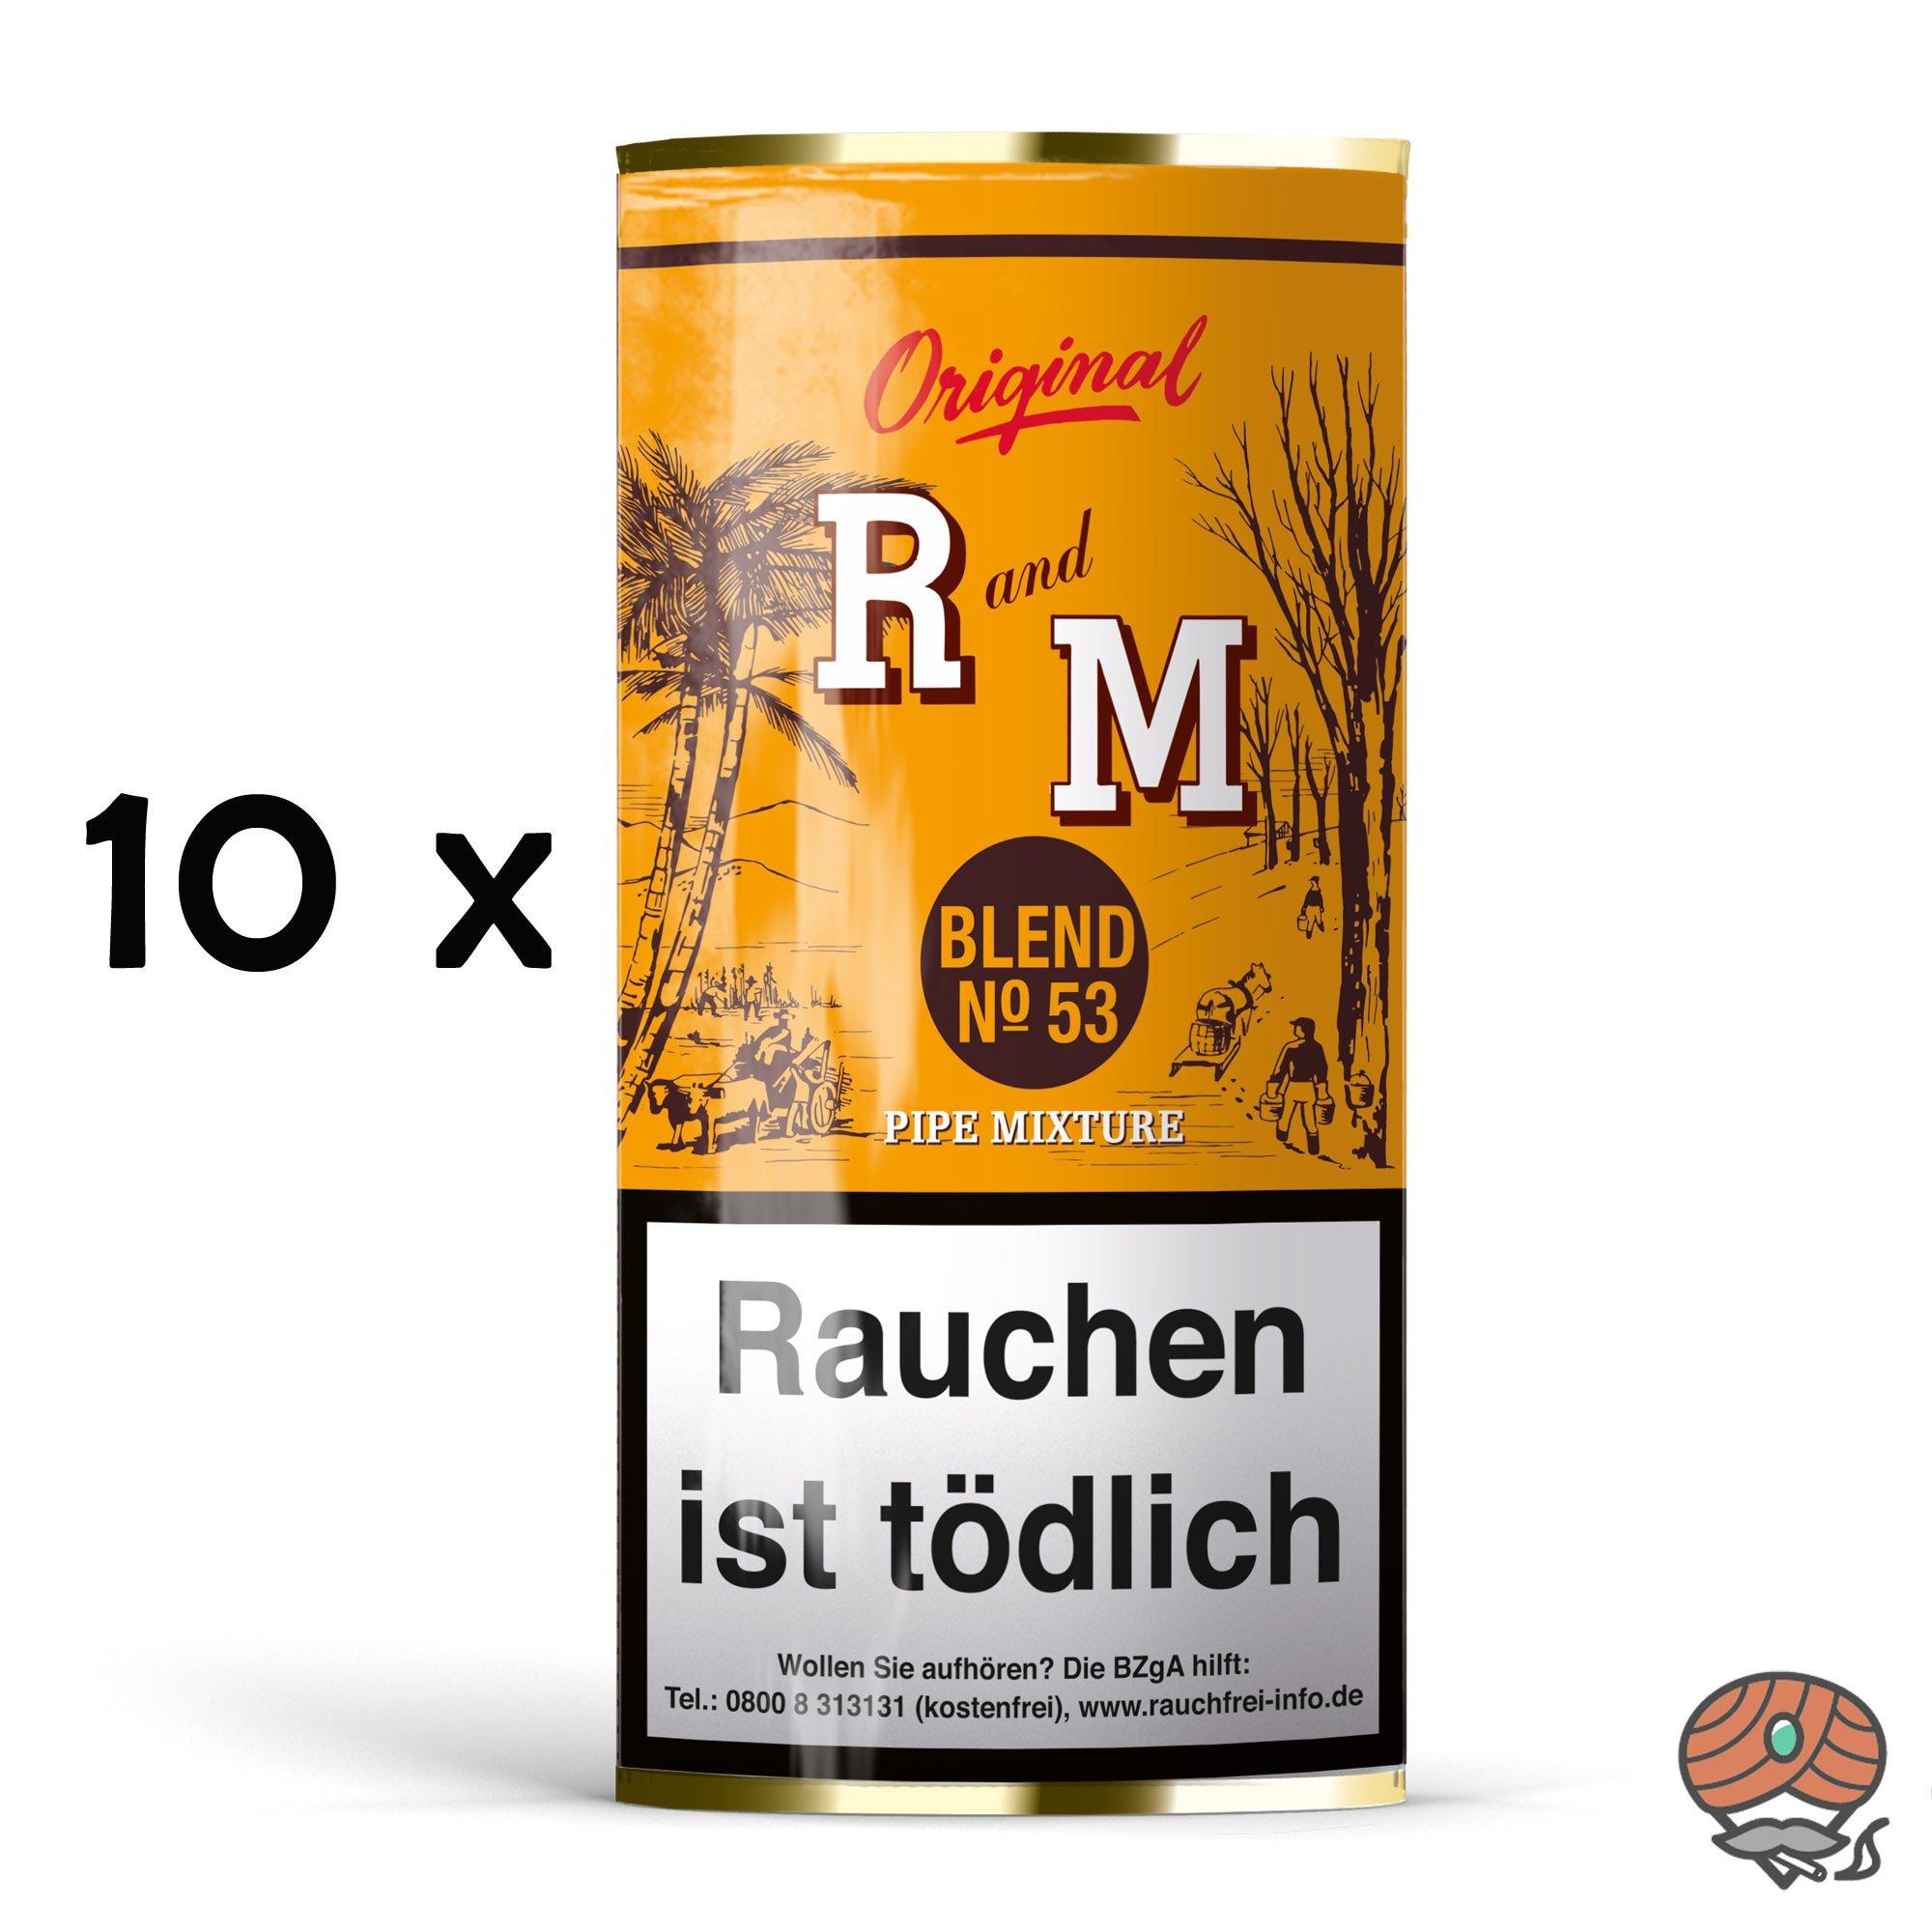 10x R und M (Rum and Maple) Original Blend No. 53 Pfeifentabak à 50g